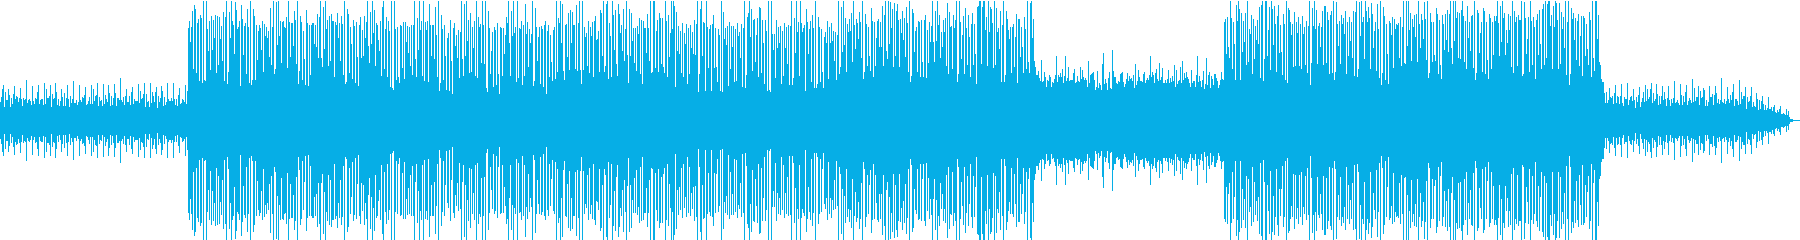 疾走感のあるテクノロックの再生済みの波形